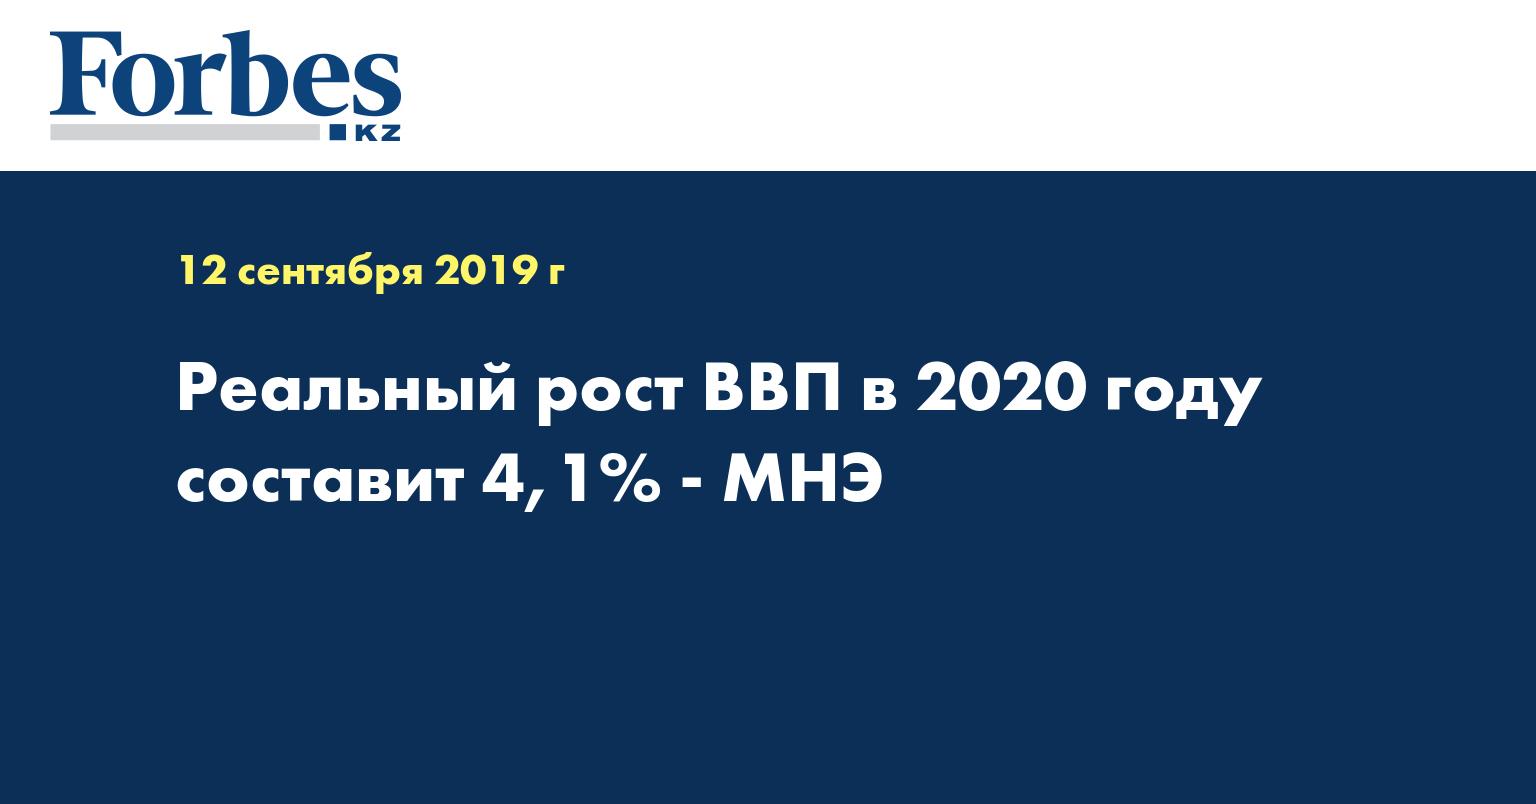 Реальный рост ВВП в 2020 году составит 4,1% - МНЭ